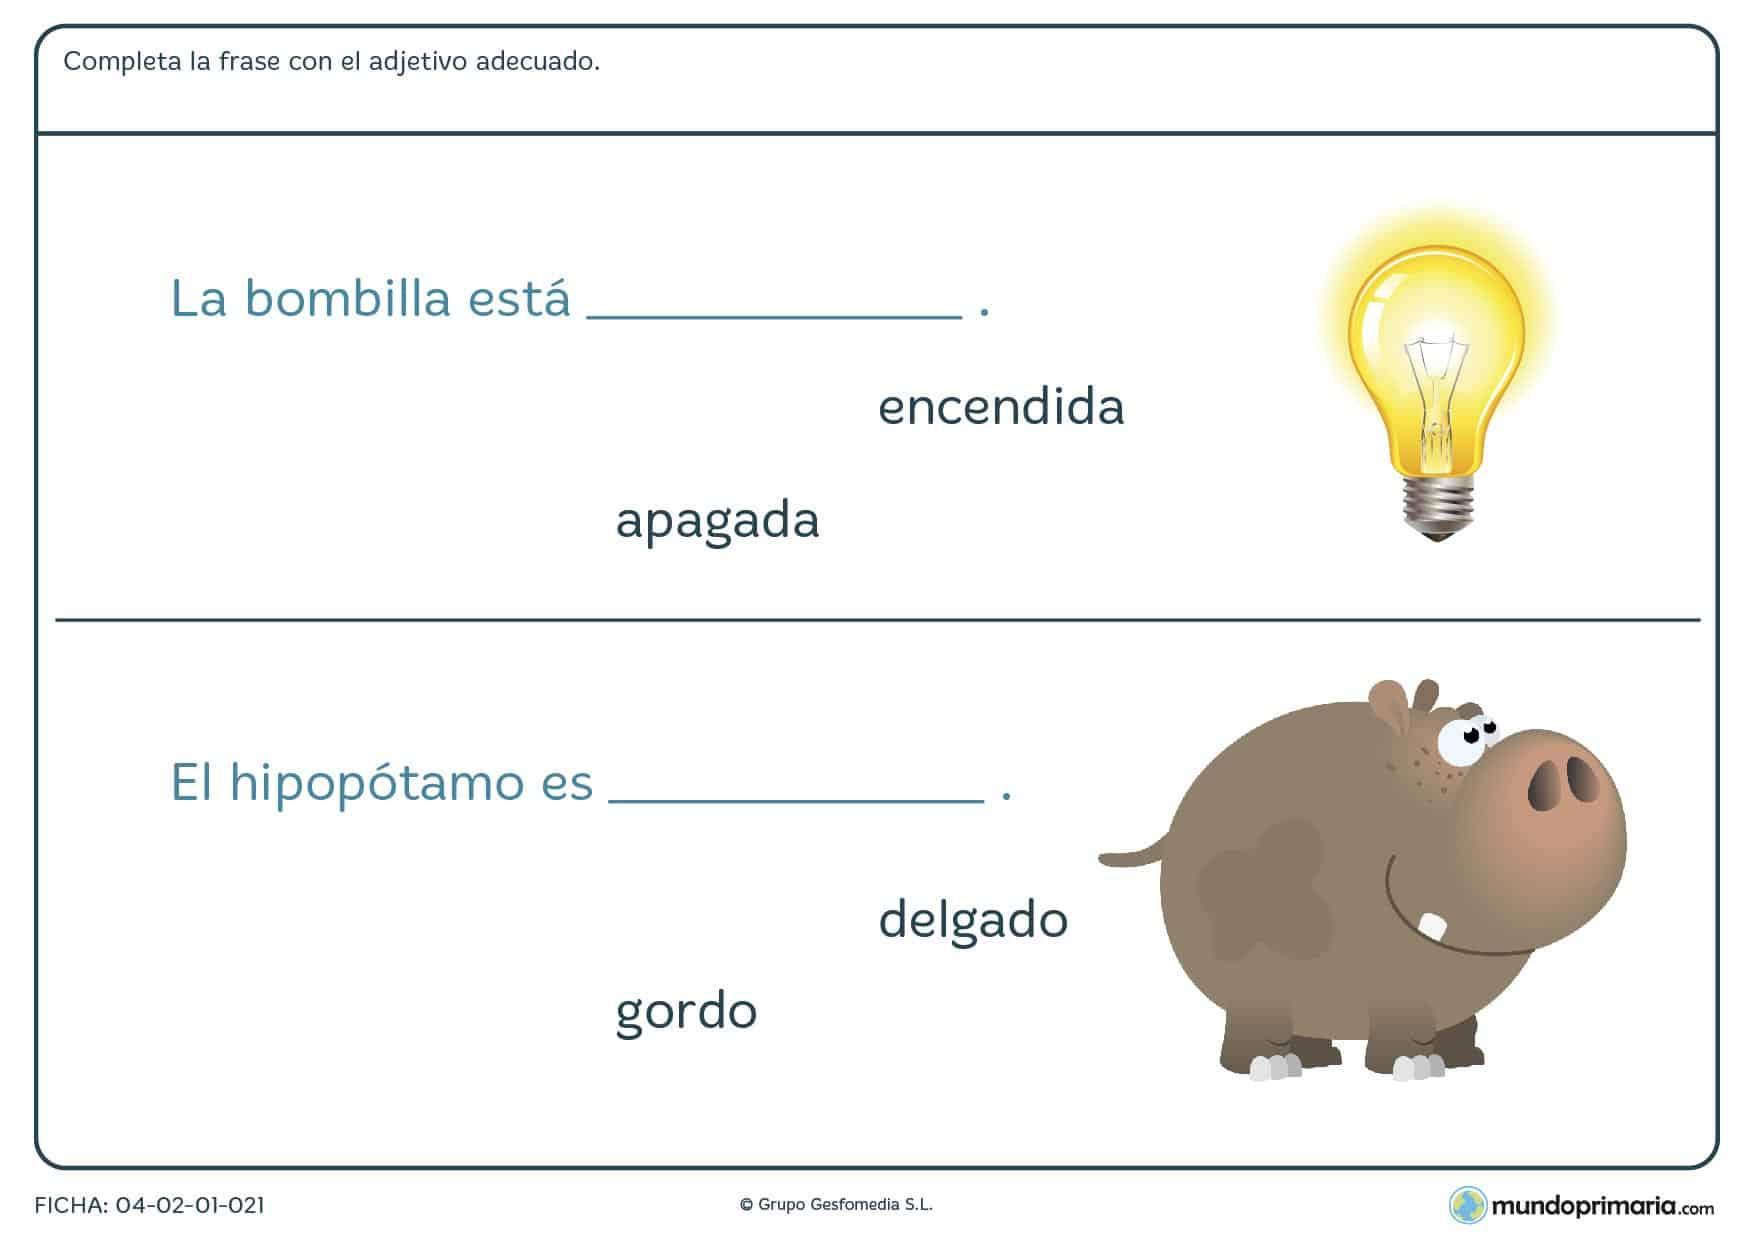 Elige el adjetivo adecuado según corresponda para repasar lenguaje de segundo de primaria con esta ficha